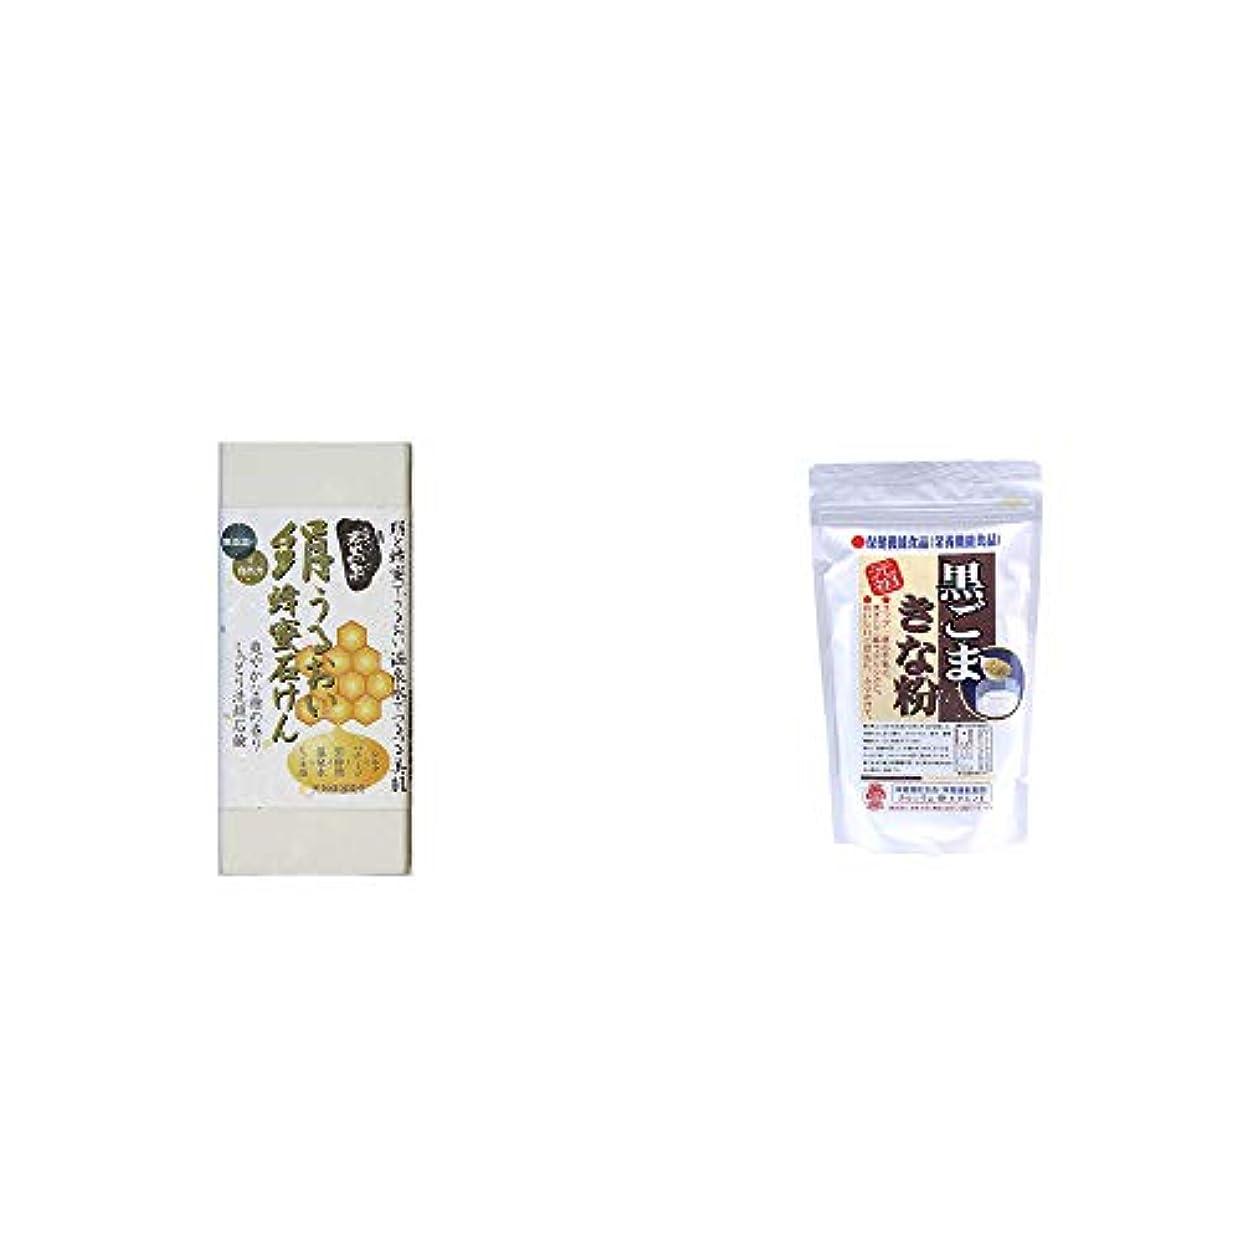 原告三番避けられない[2点セット] ひのき炭黒泉 絹うるおい蜂蜜石けん(75g×2)?黒ごまきな粉(270g)